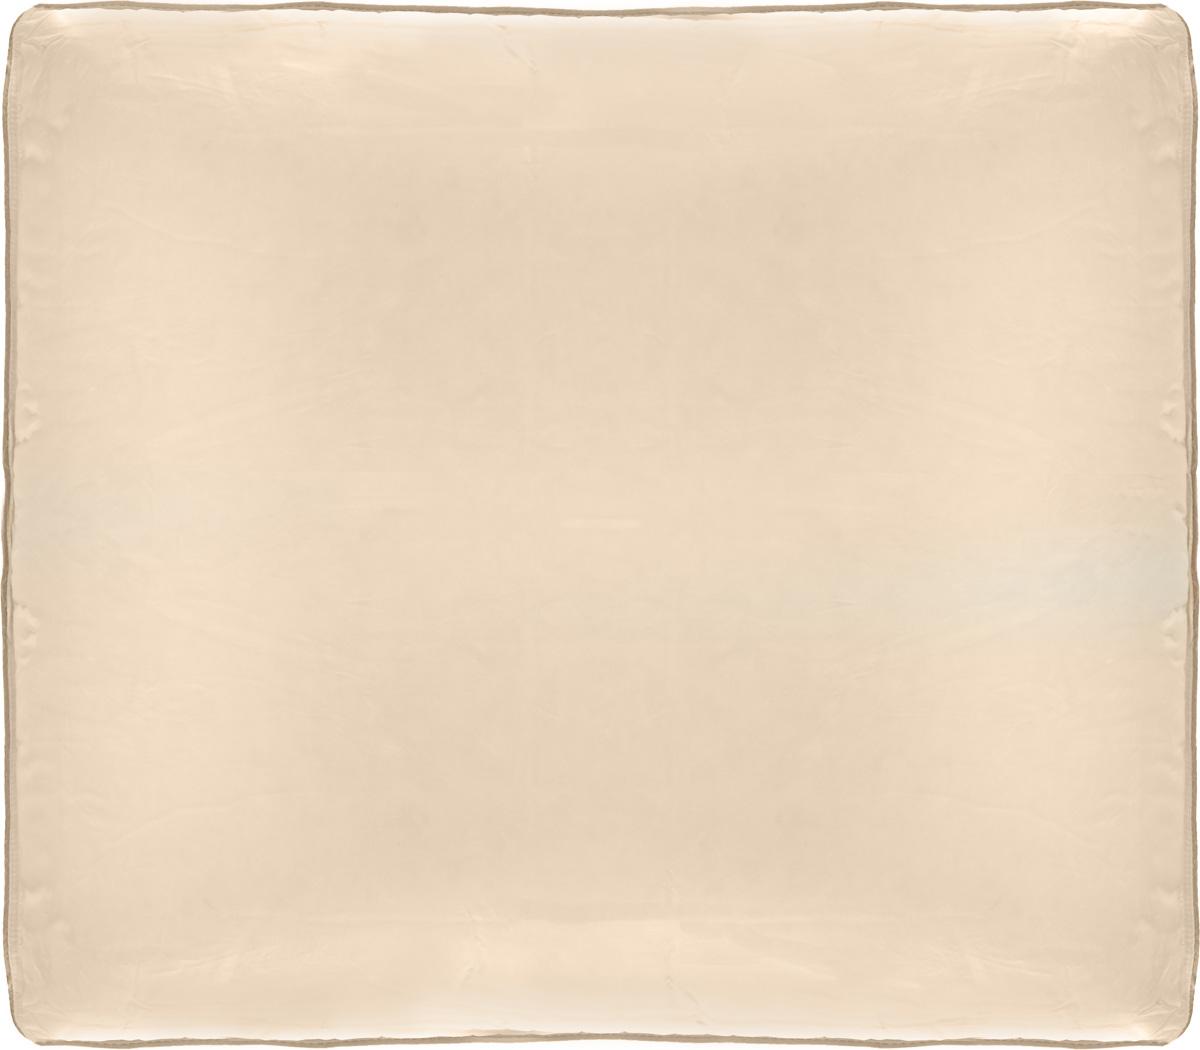 Подушка Легкие сны Капучино, наполнитель: гусиный пух категории Экстра, 68 х 68 см77(16)03 - КПодушка Легкие сны Капучино поможет расслабиться, снимет усталость и подарит вам спокойный и здоровый сон. Наполнителем этой подушки является воздушный и легкий гусиный пух категории Экстра. Чехол выполнен из гладкого, шелковистого и при этом достаточно прочного сатина (100% хлопок) карамельного цвета. По краю подушки выполнена отделка атласным кантом бежевого цвета. Это отличный вариант для подарка себе и своим близким и любимым. Подушку можно стирать в стиральной машине. Степень поддержки: средняя.